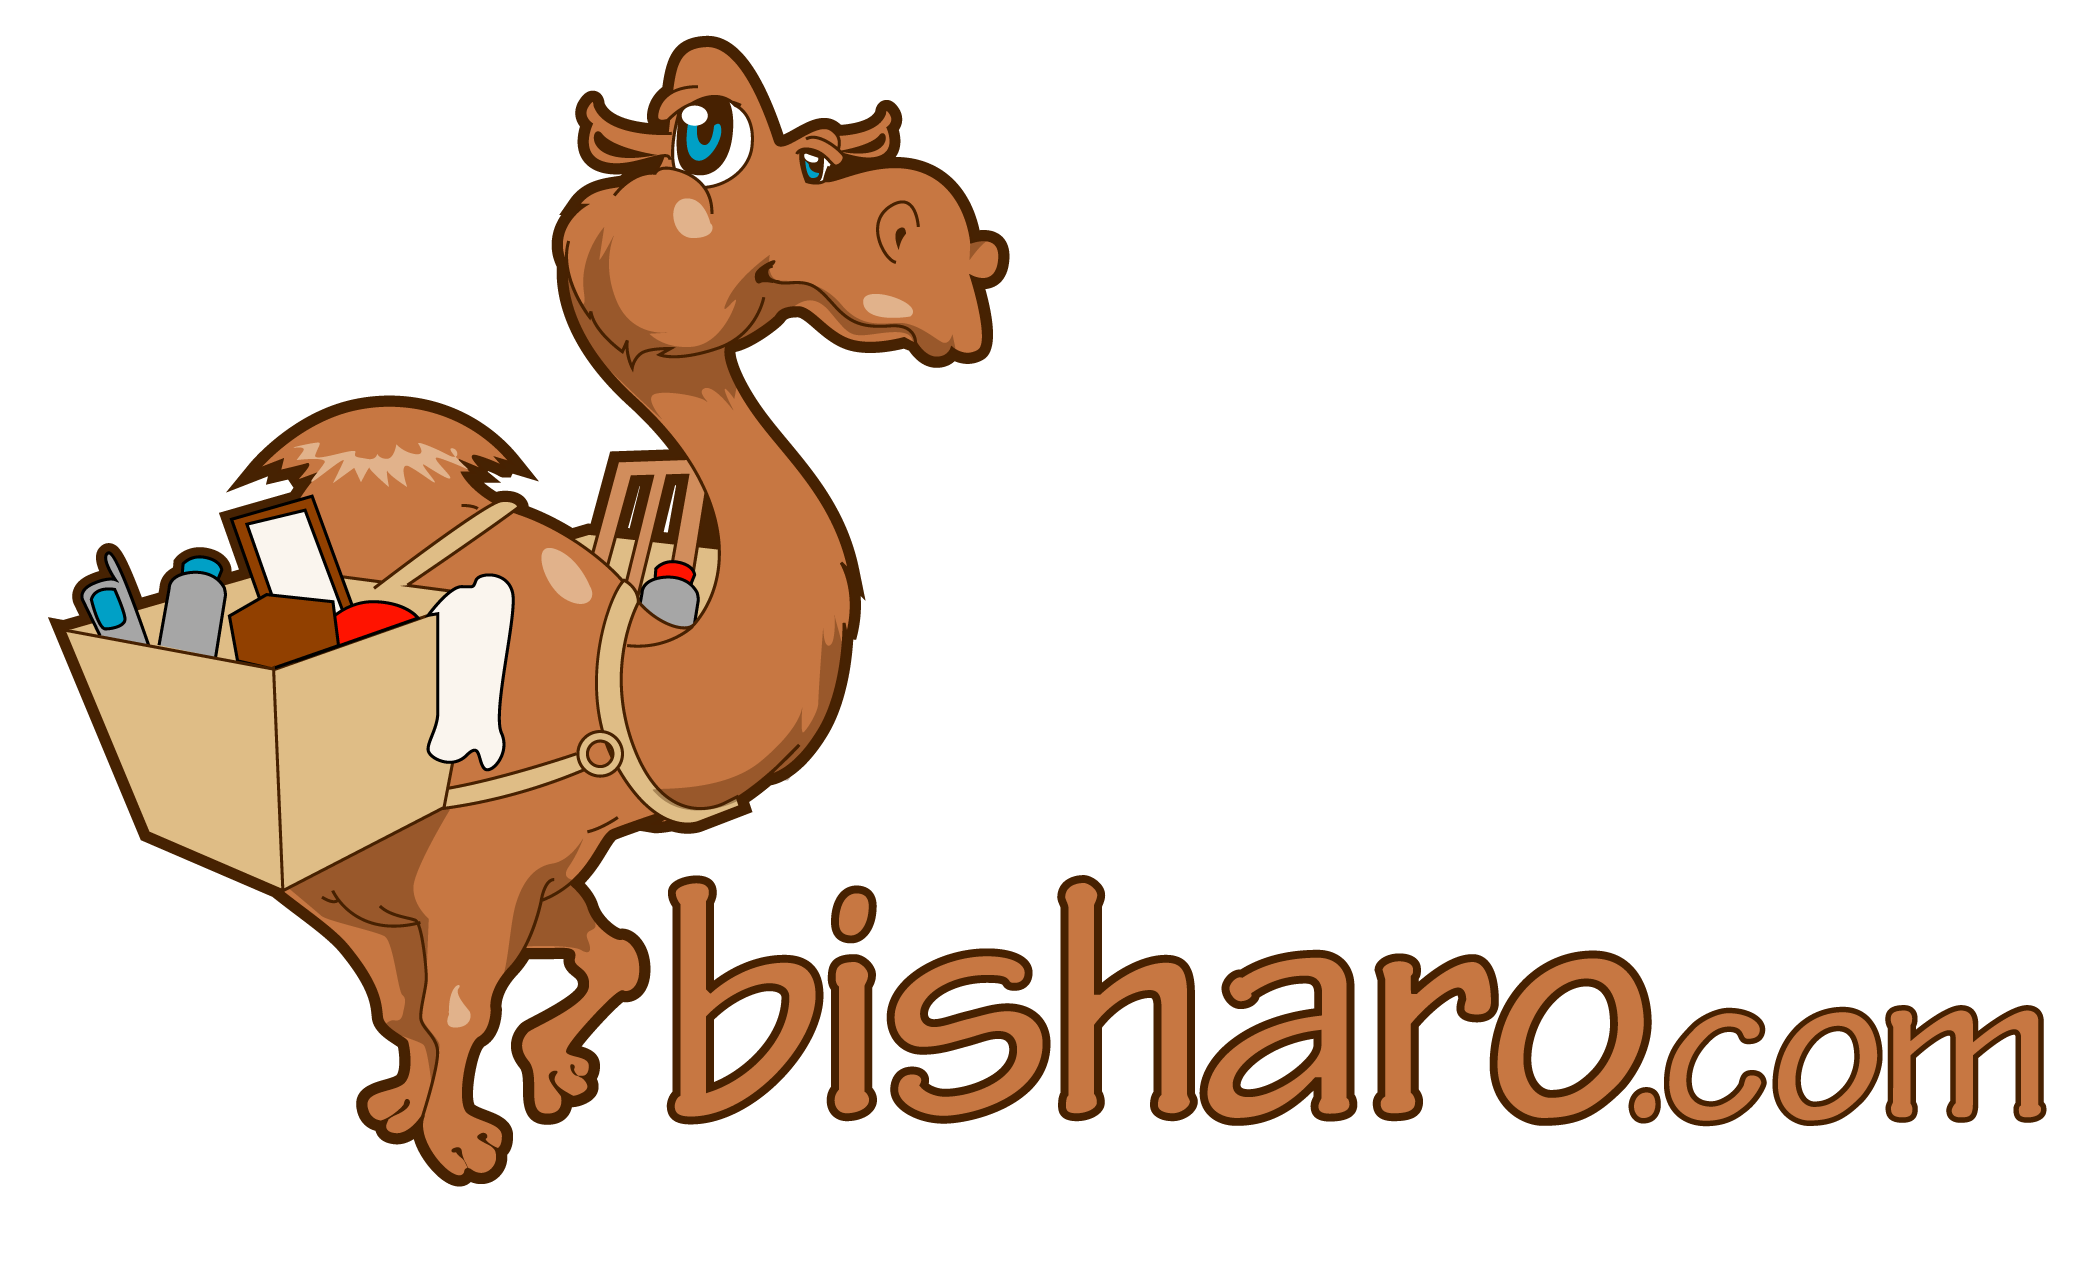 Bisharo logo